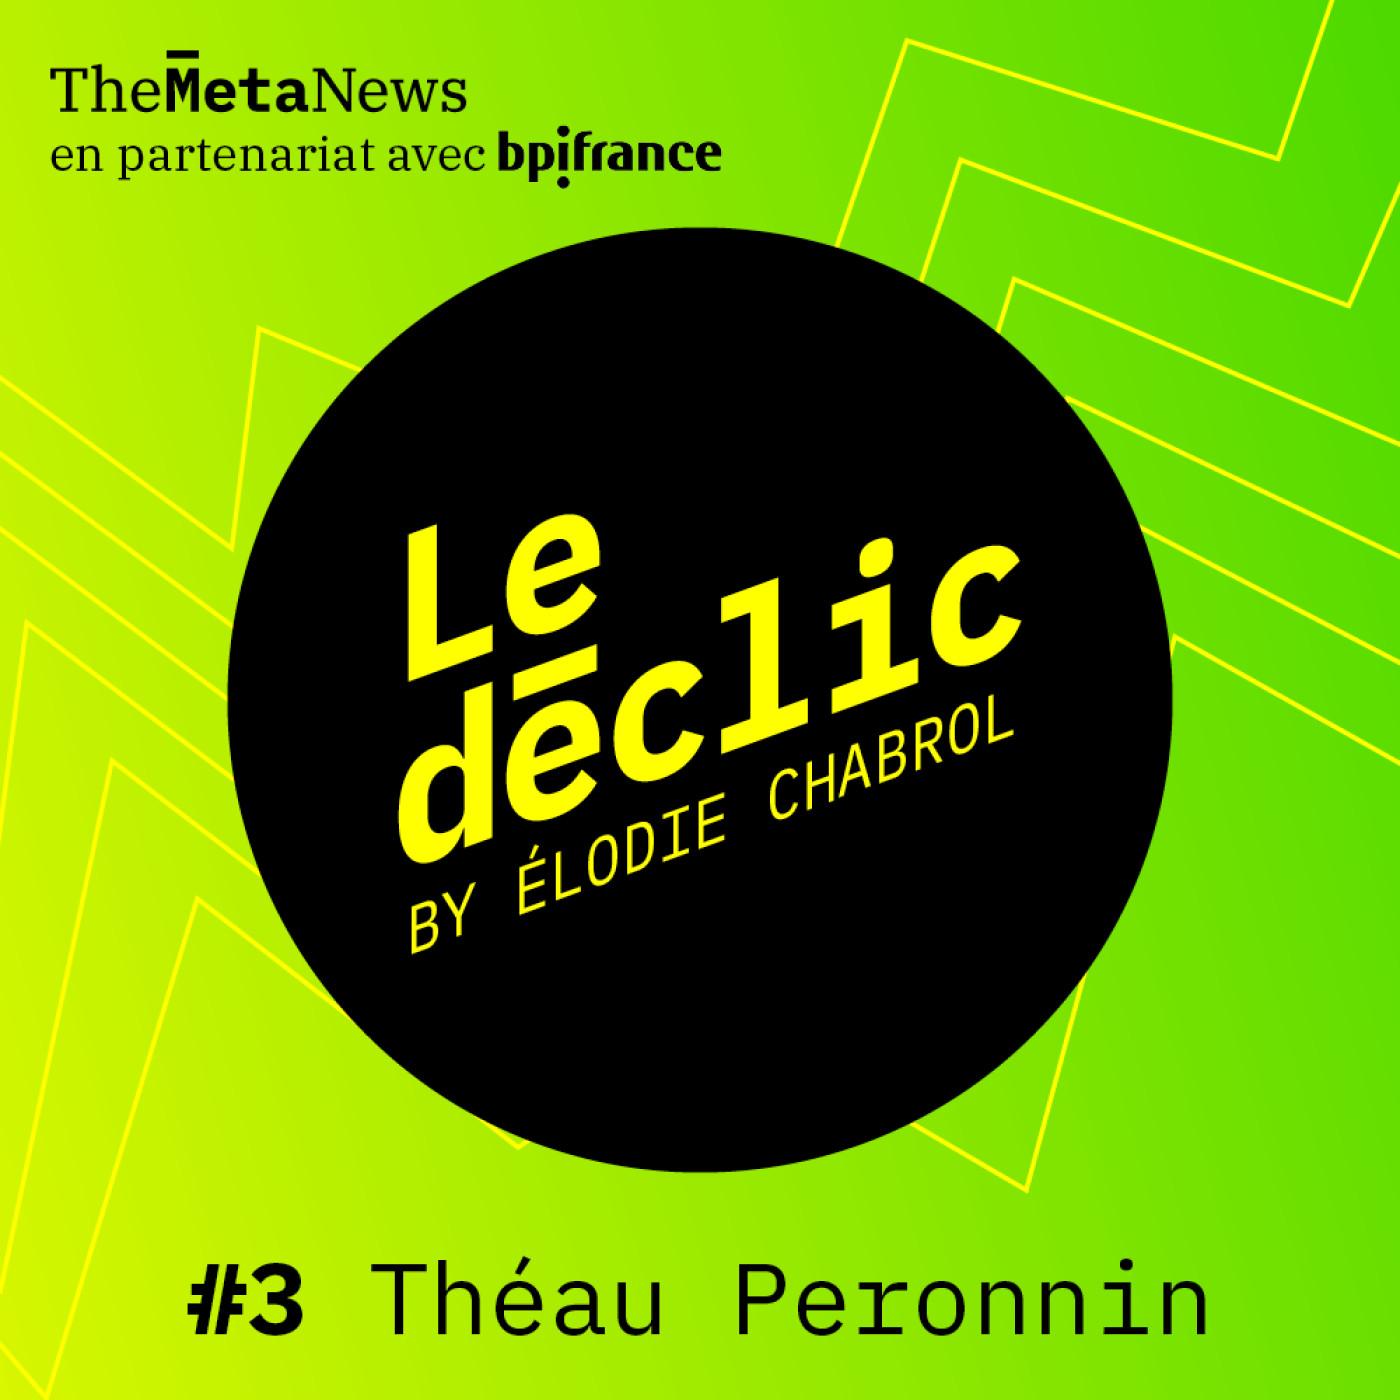 Théau Peronnin, fondateur d'Alice & Bob